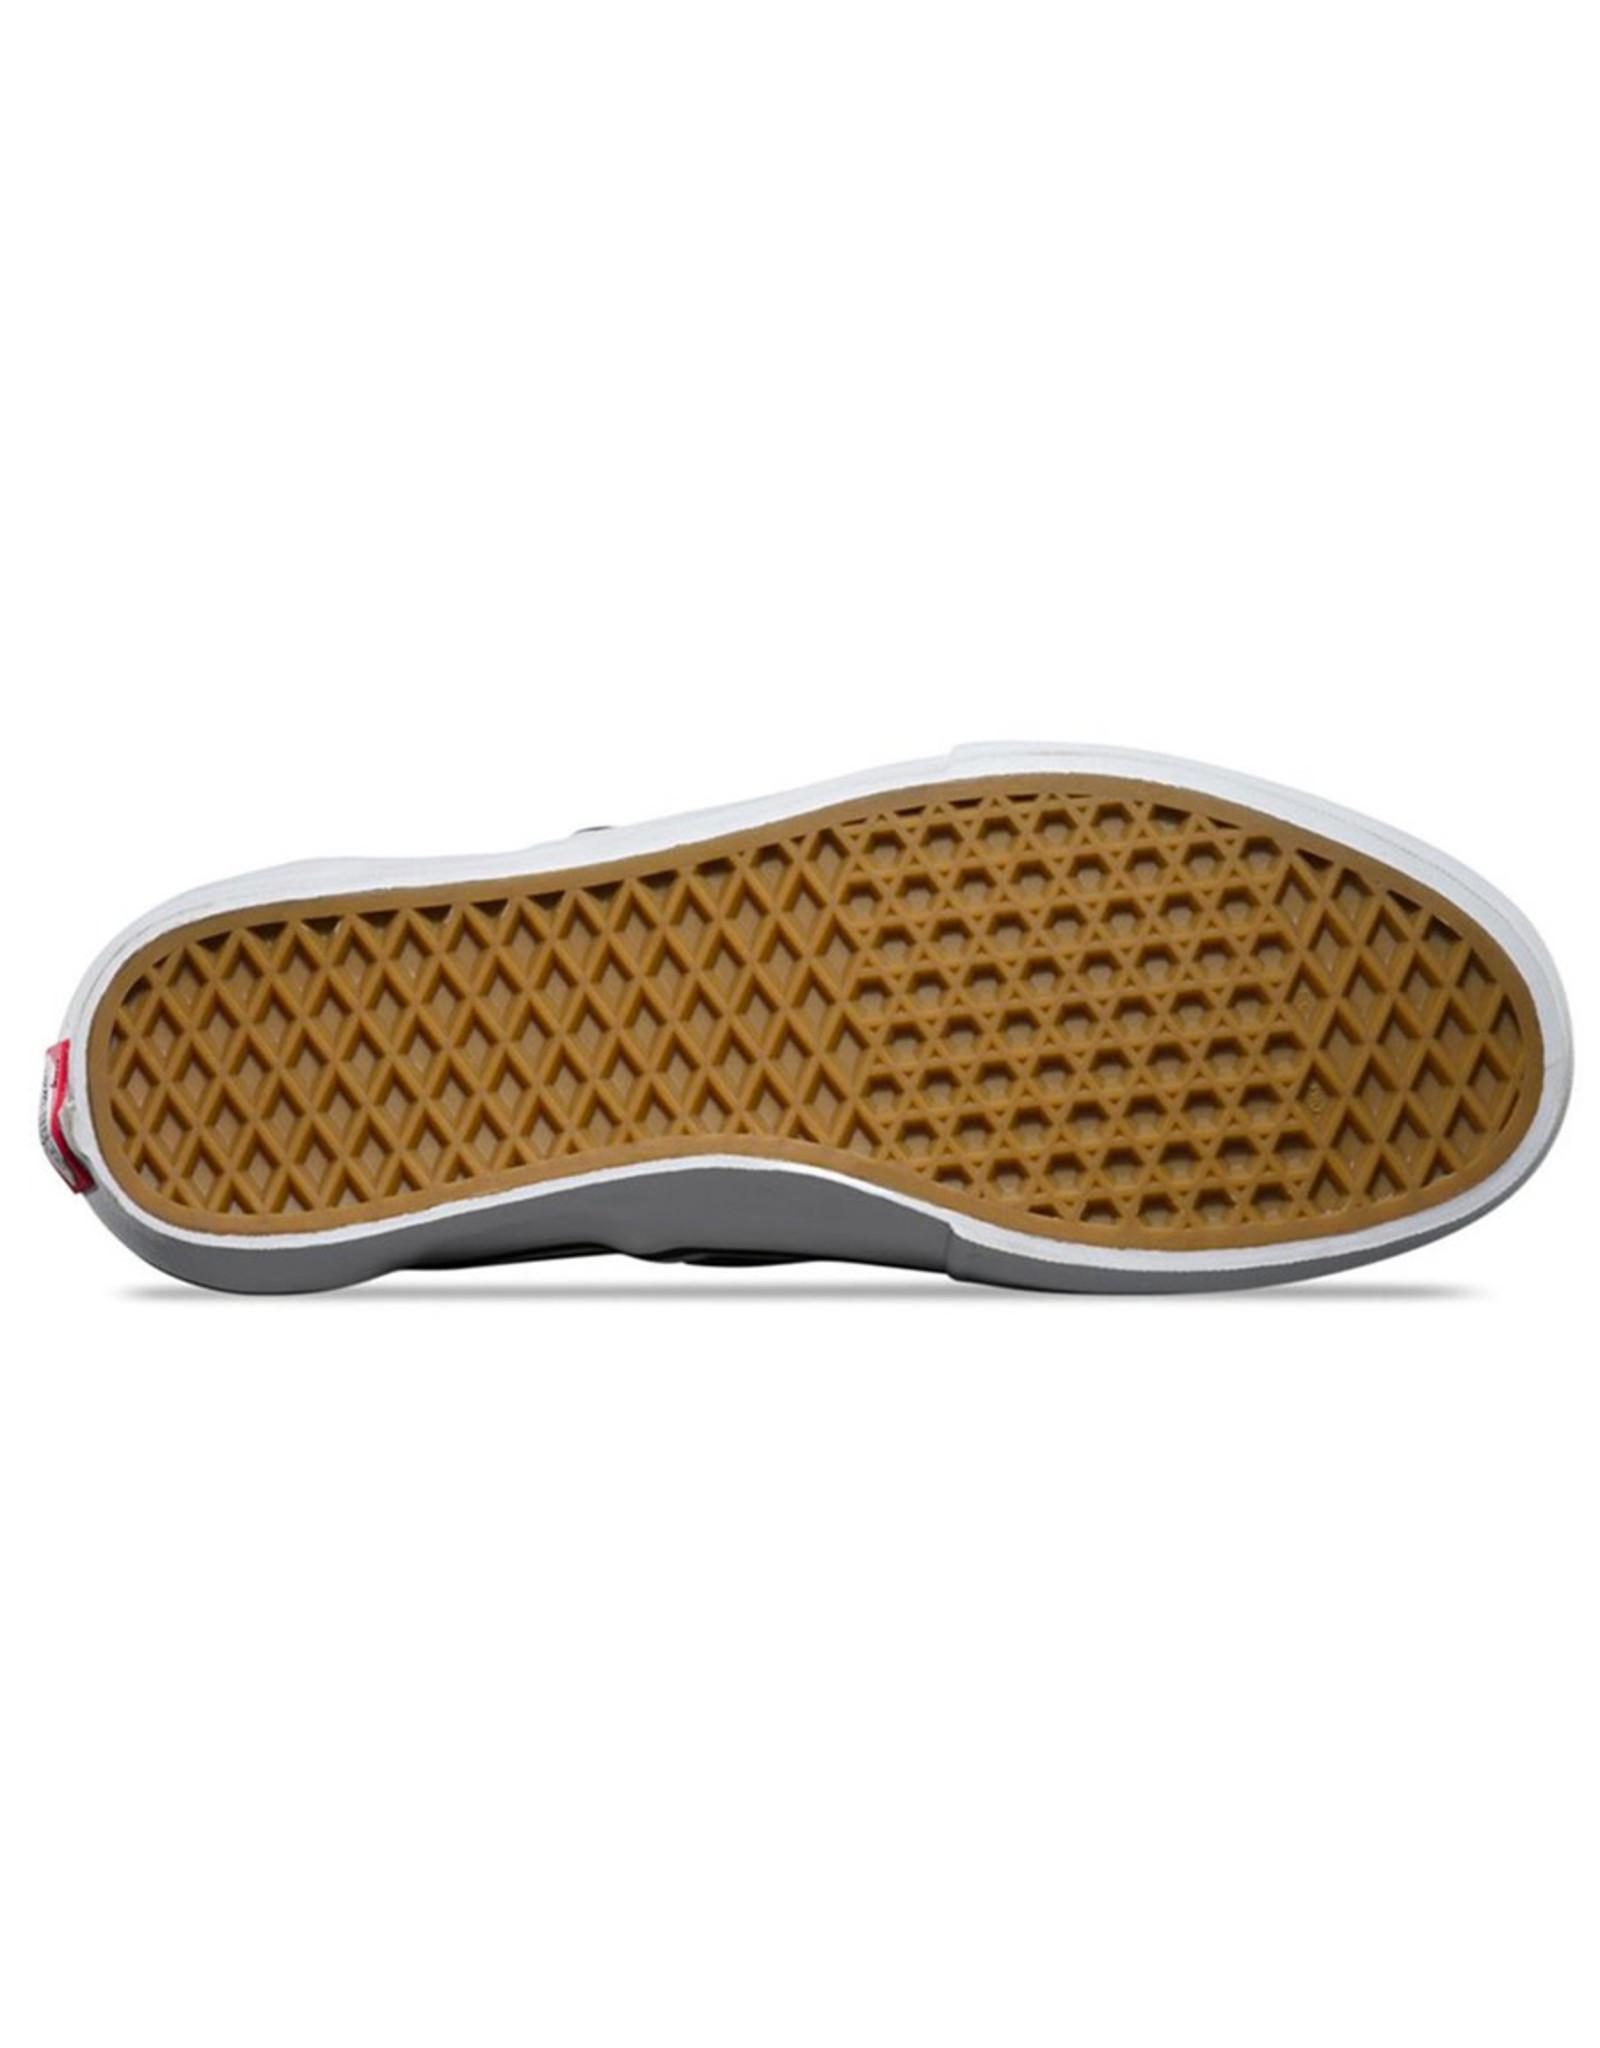 Vans Vans Shoe Pro Slip On (Black/White/Gum)